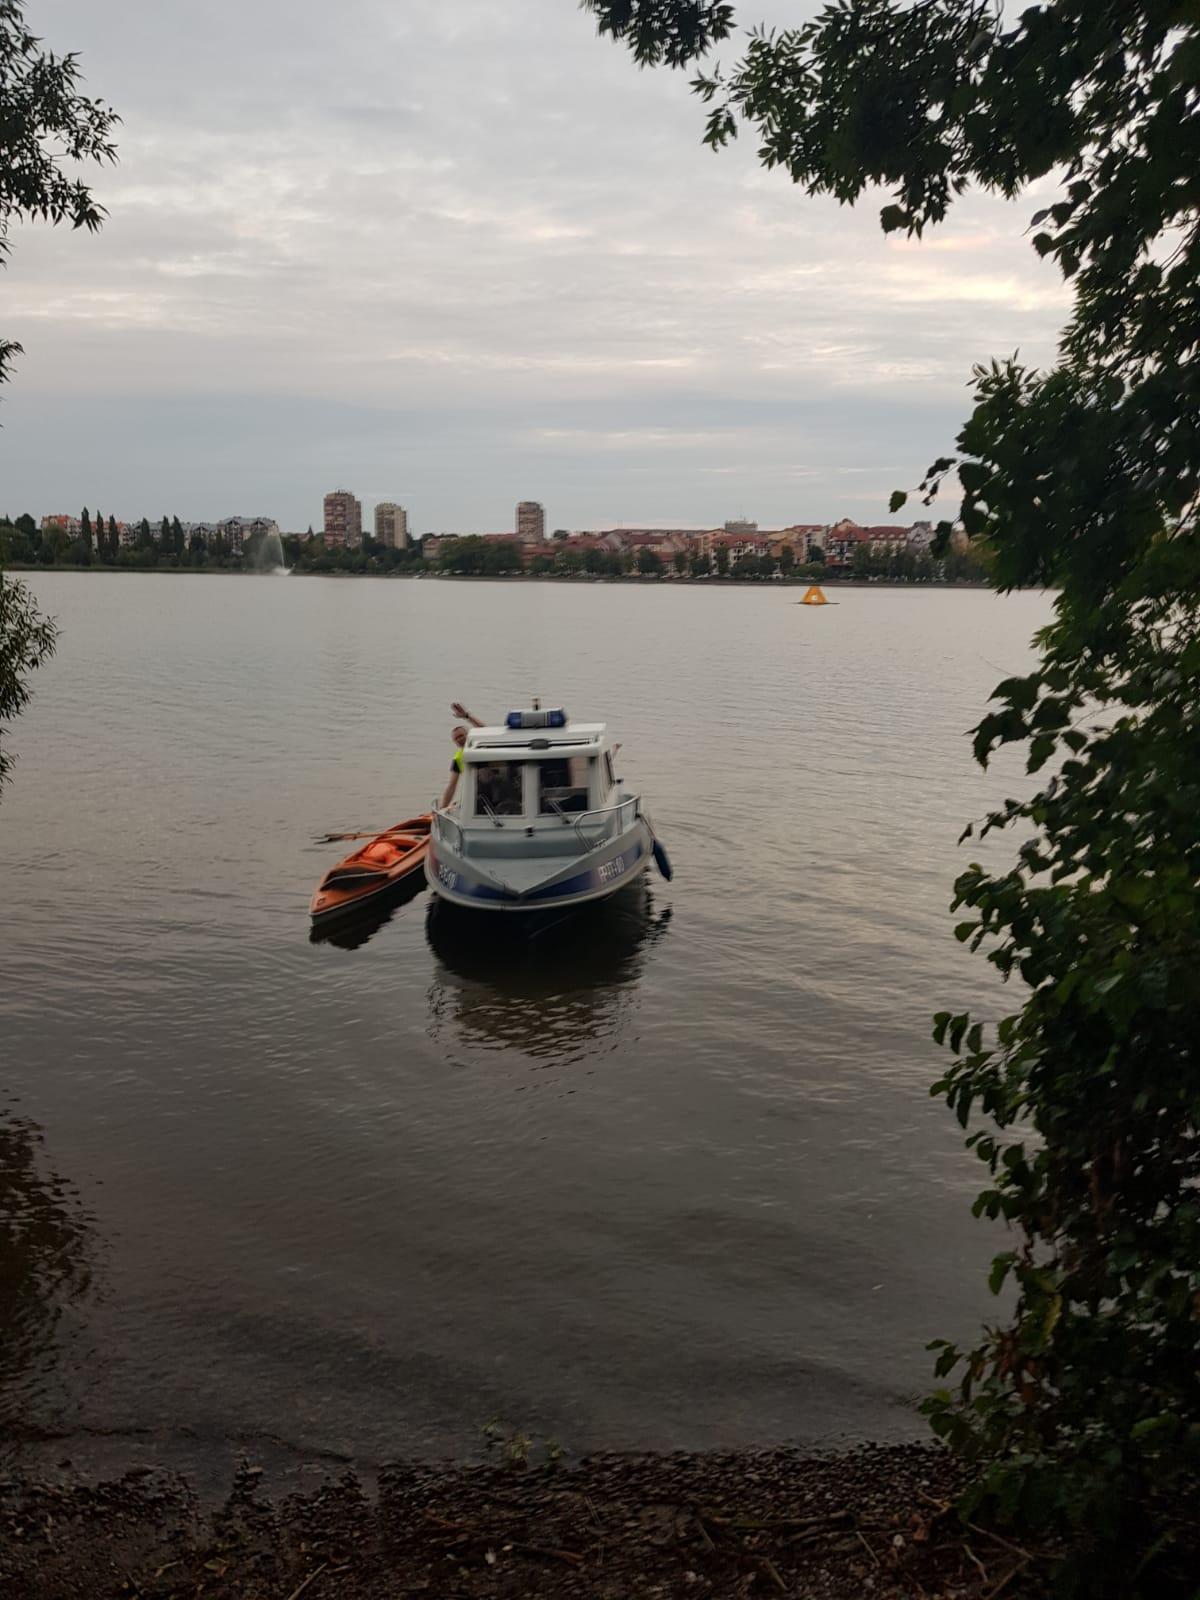 http://m.wm.pl/2019/08/orig/1-poszukiwania-na-jeziorze-elckim-571200.jpg